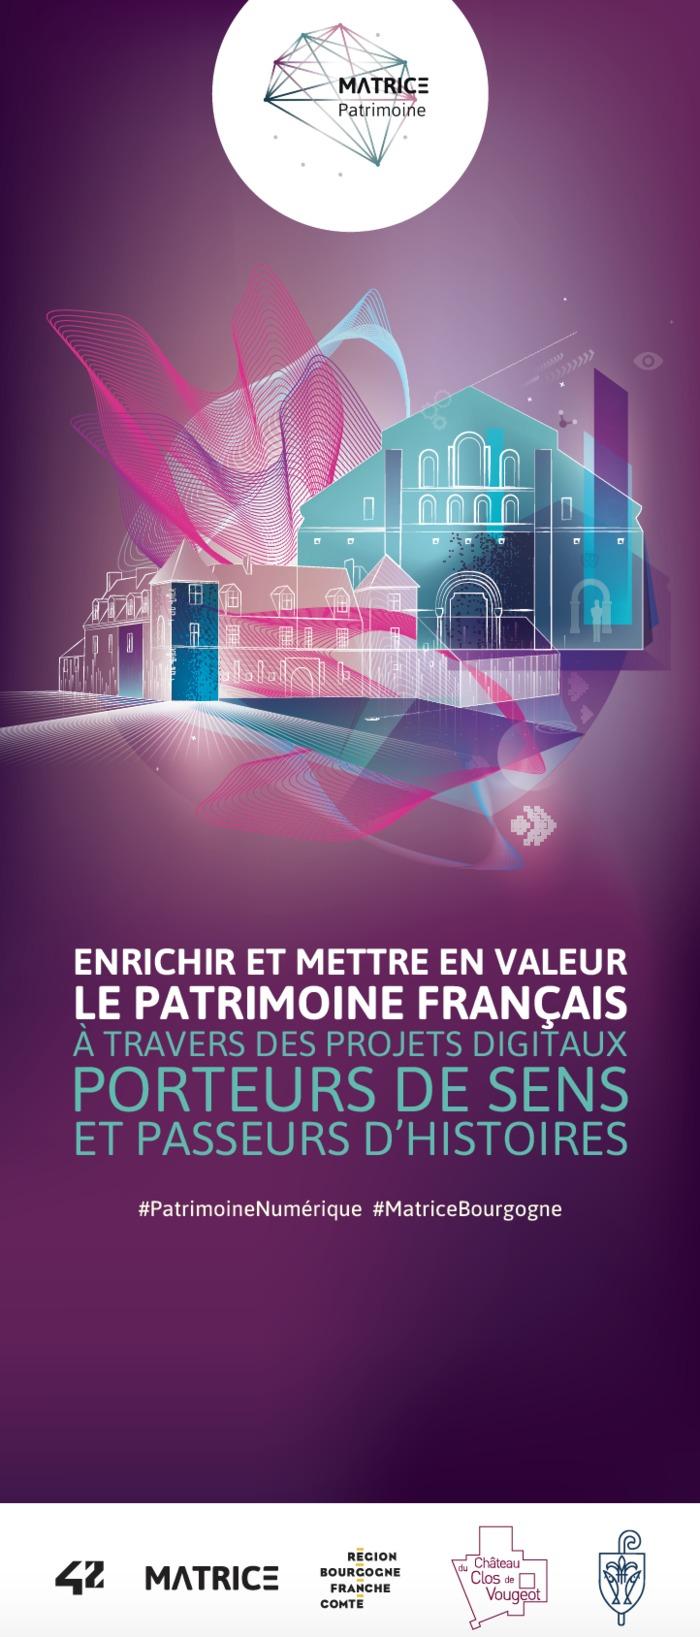 Journées du patrimoine 2019 - Visite du Château du Clos de Vougeot : entre tradition et innovation